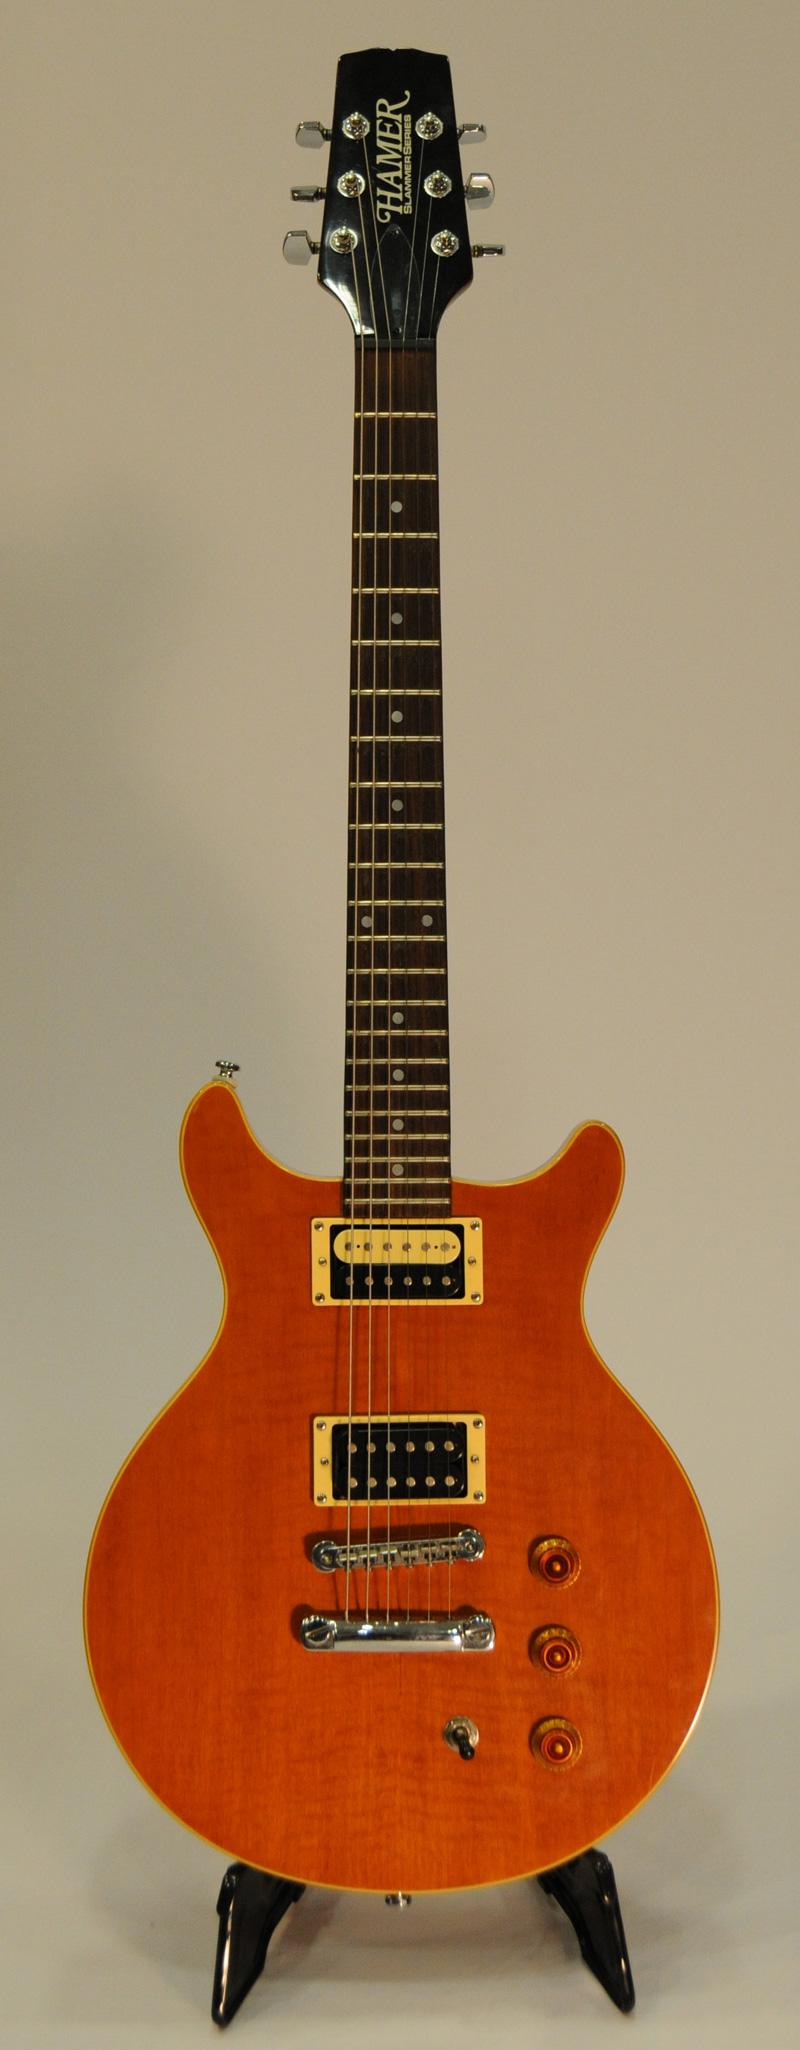 Hamer Guitar Wiring Diagrams on hamer guitar made in korea, peavey wiring diagrams, hamer slammer bass guitar, hamer slammer series wiring diagram, gibson explorer wiring diagrams, gretsch wiring diagrams, suhr wiring diagrams,